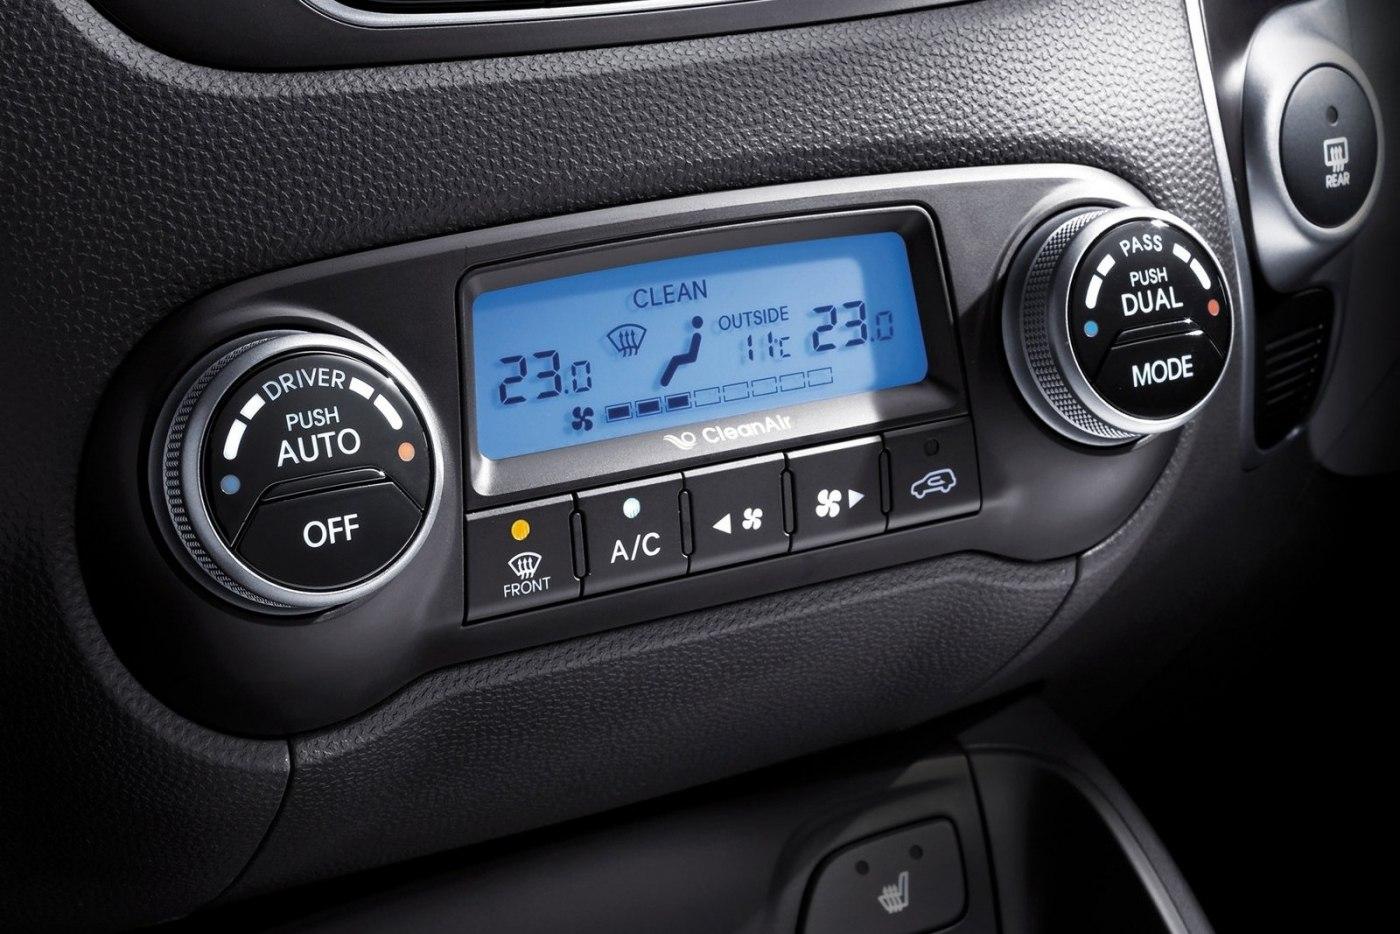 Кондиционер Hyundai ix35 дует тёплым воздухом